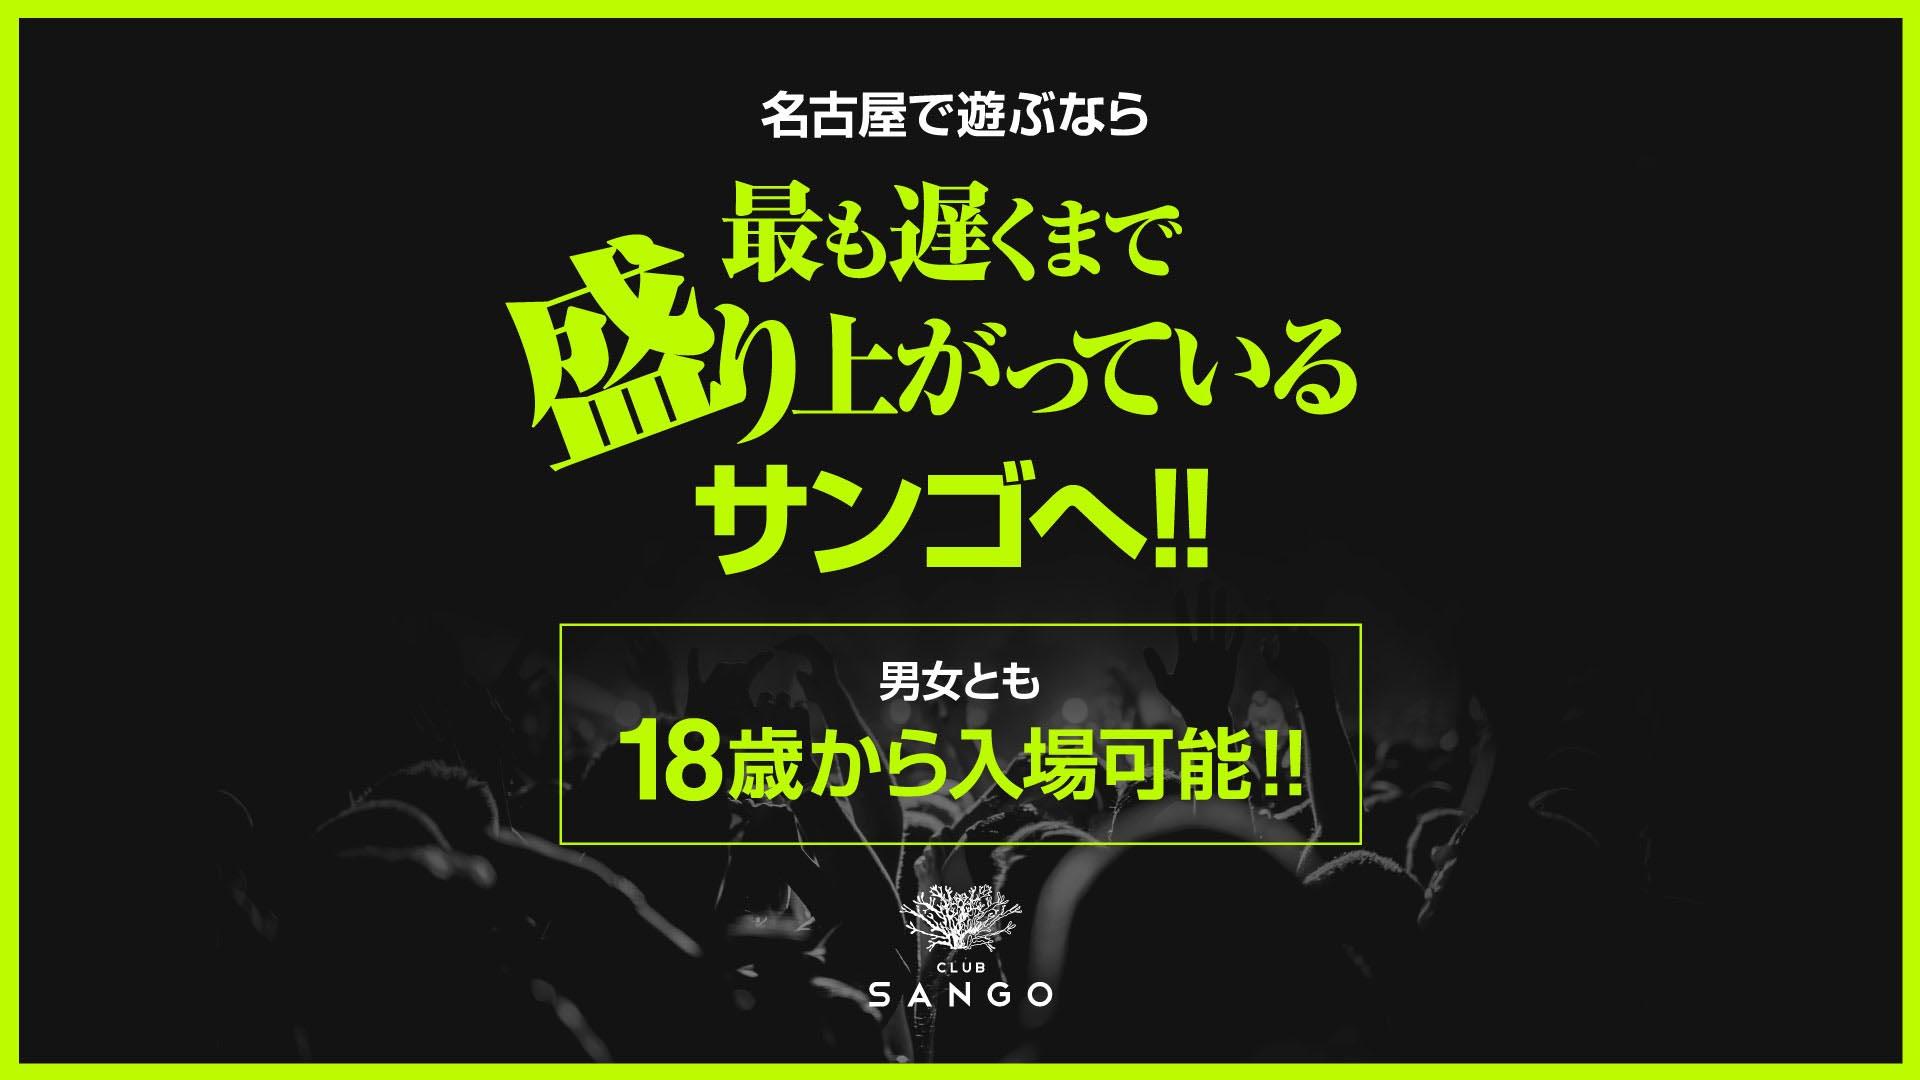 名古屋で遊ぶなら最も遅くまで盛り上がっているサンゴへ!!